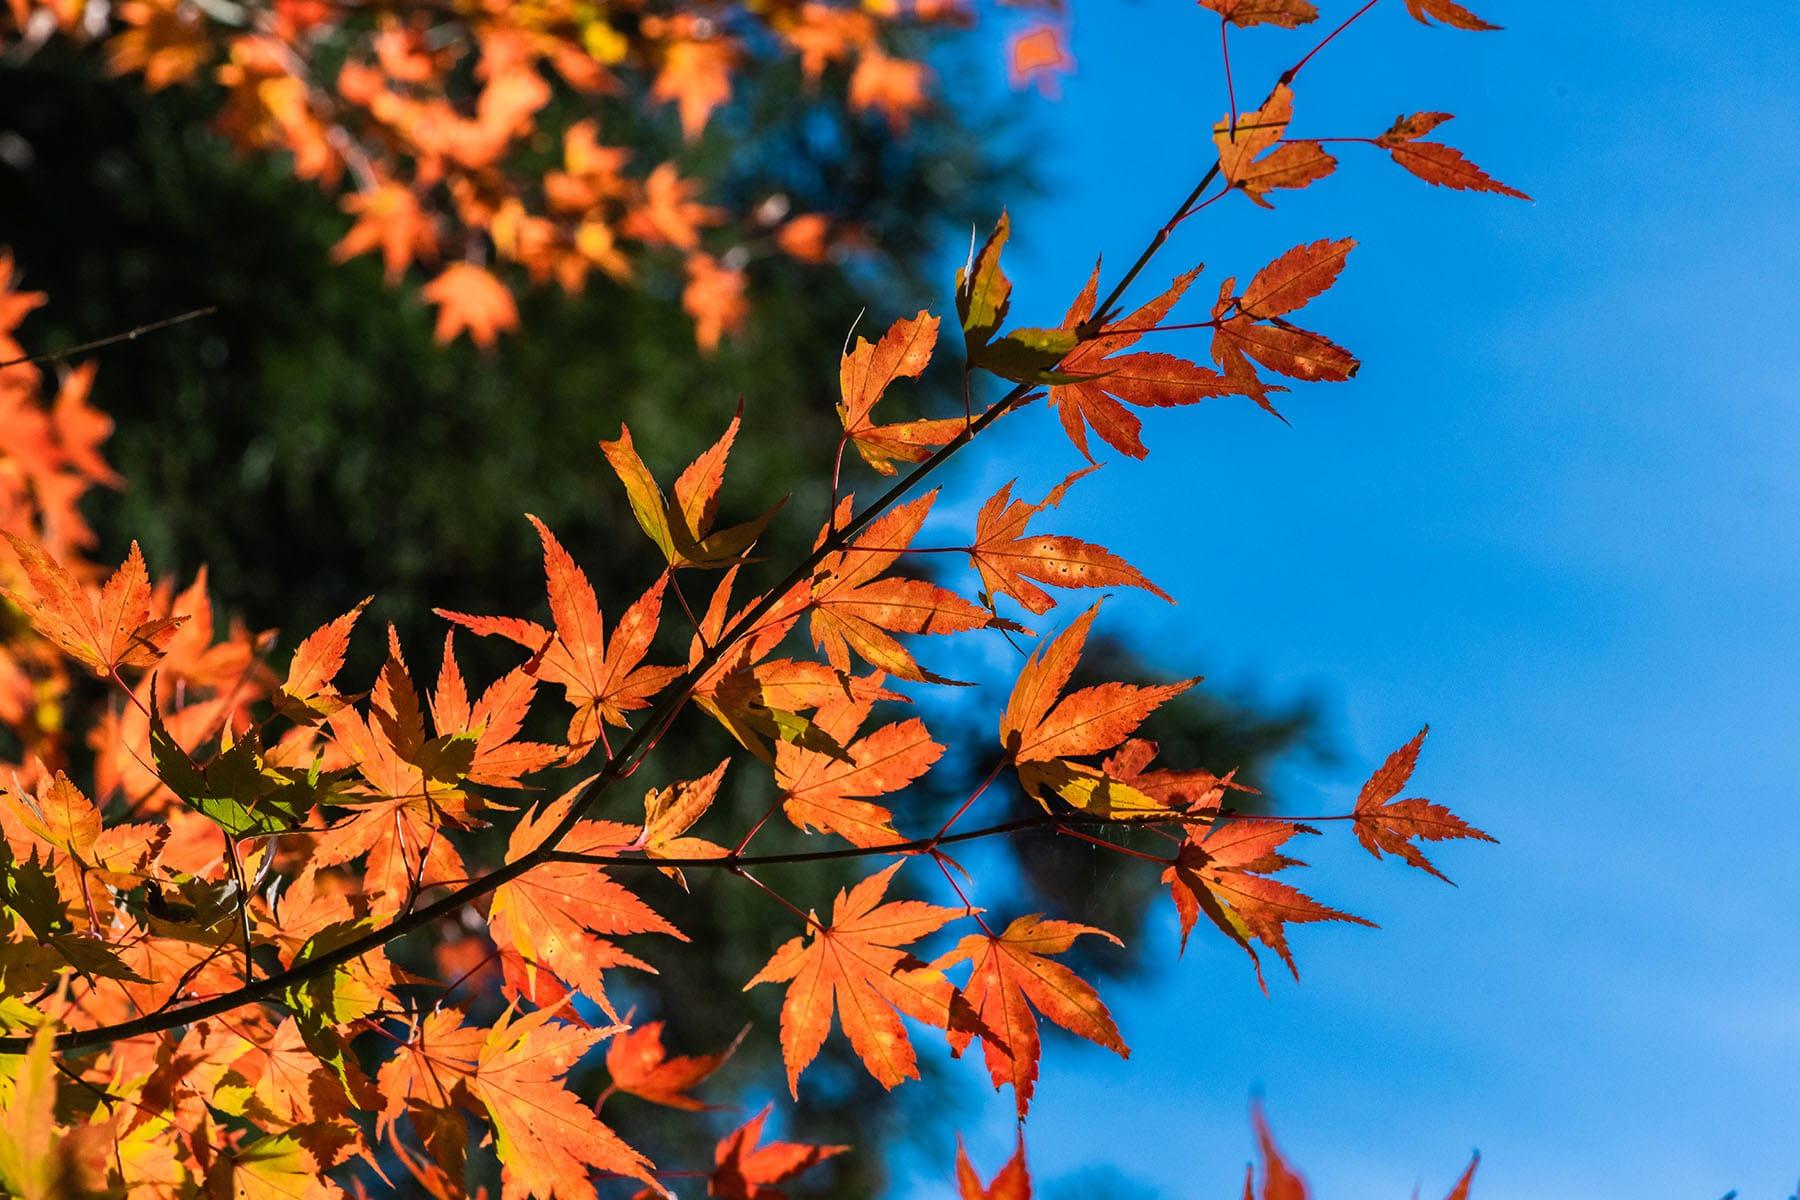 彩甲斐街道沿いの紅葉【大血川渓谷・三峰登竜渓付近|埼玉県秩父市】